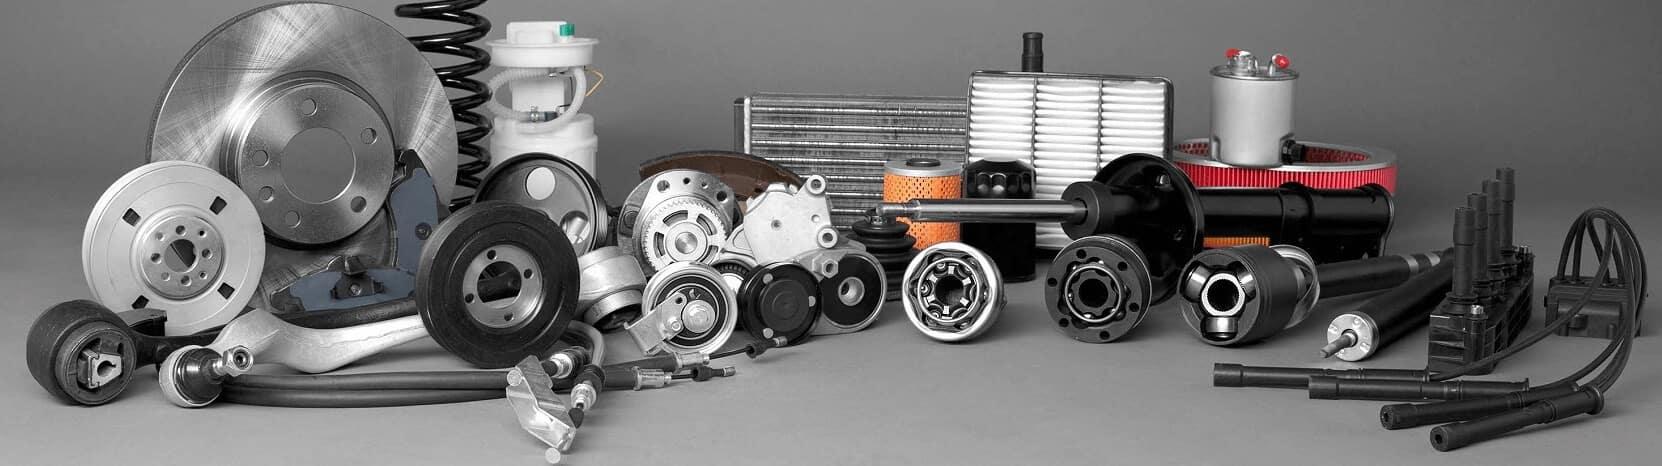 Car Parts at